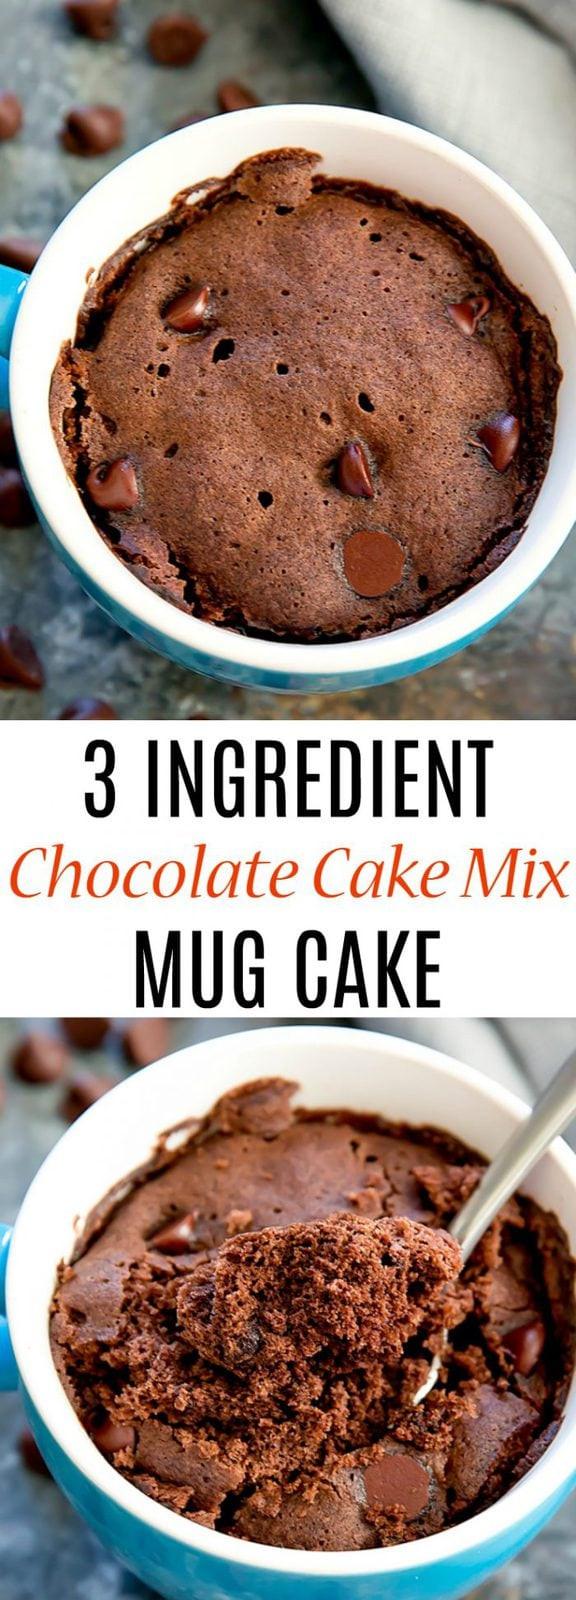 Mug Cake Mix  3 Ingre nt Chocolate Cake Mix Mug Cake Kirbie s Cravings